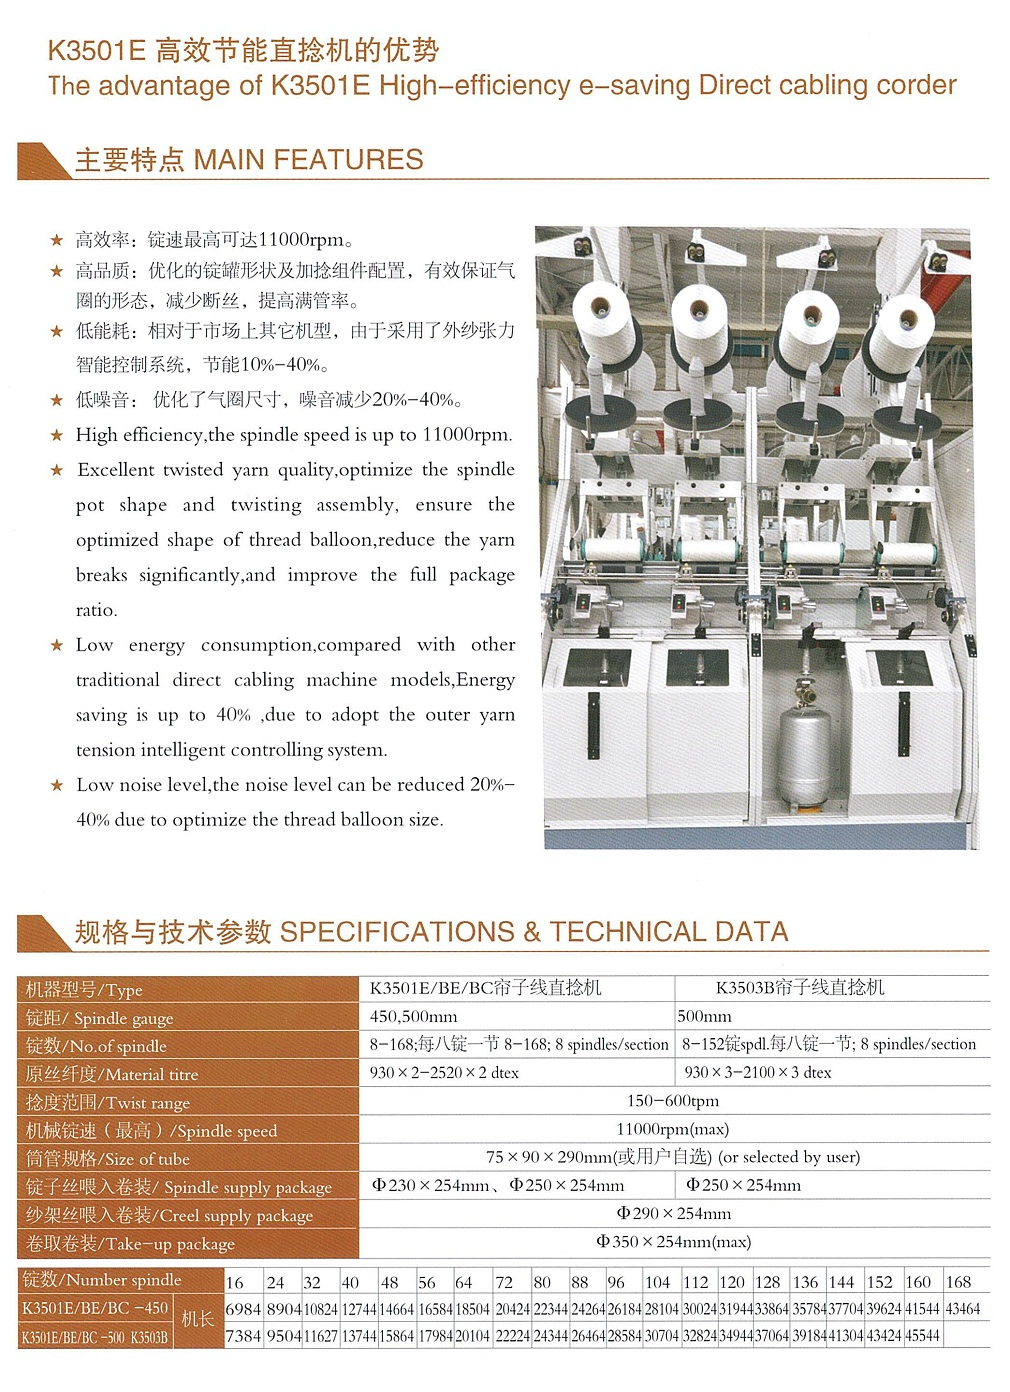 K3501E產品詳情五